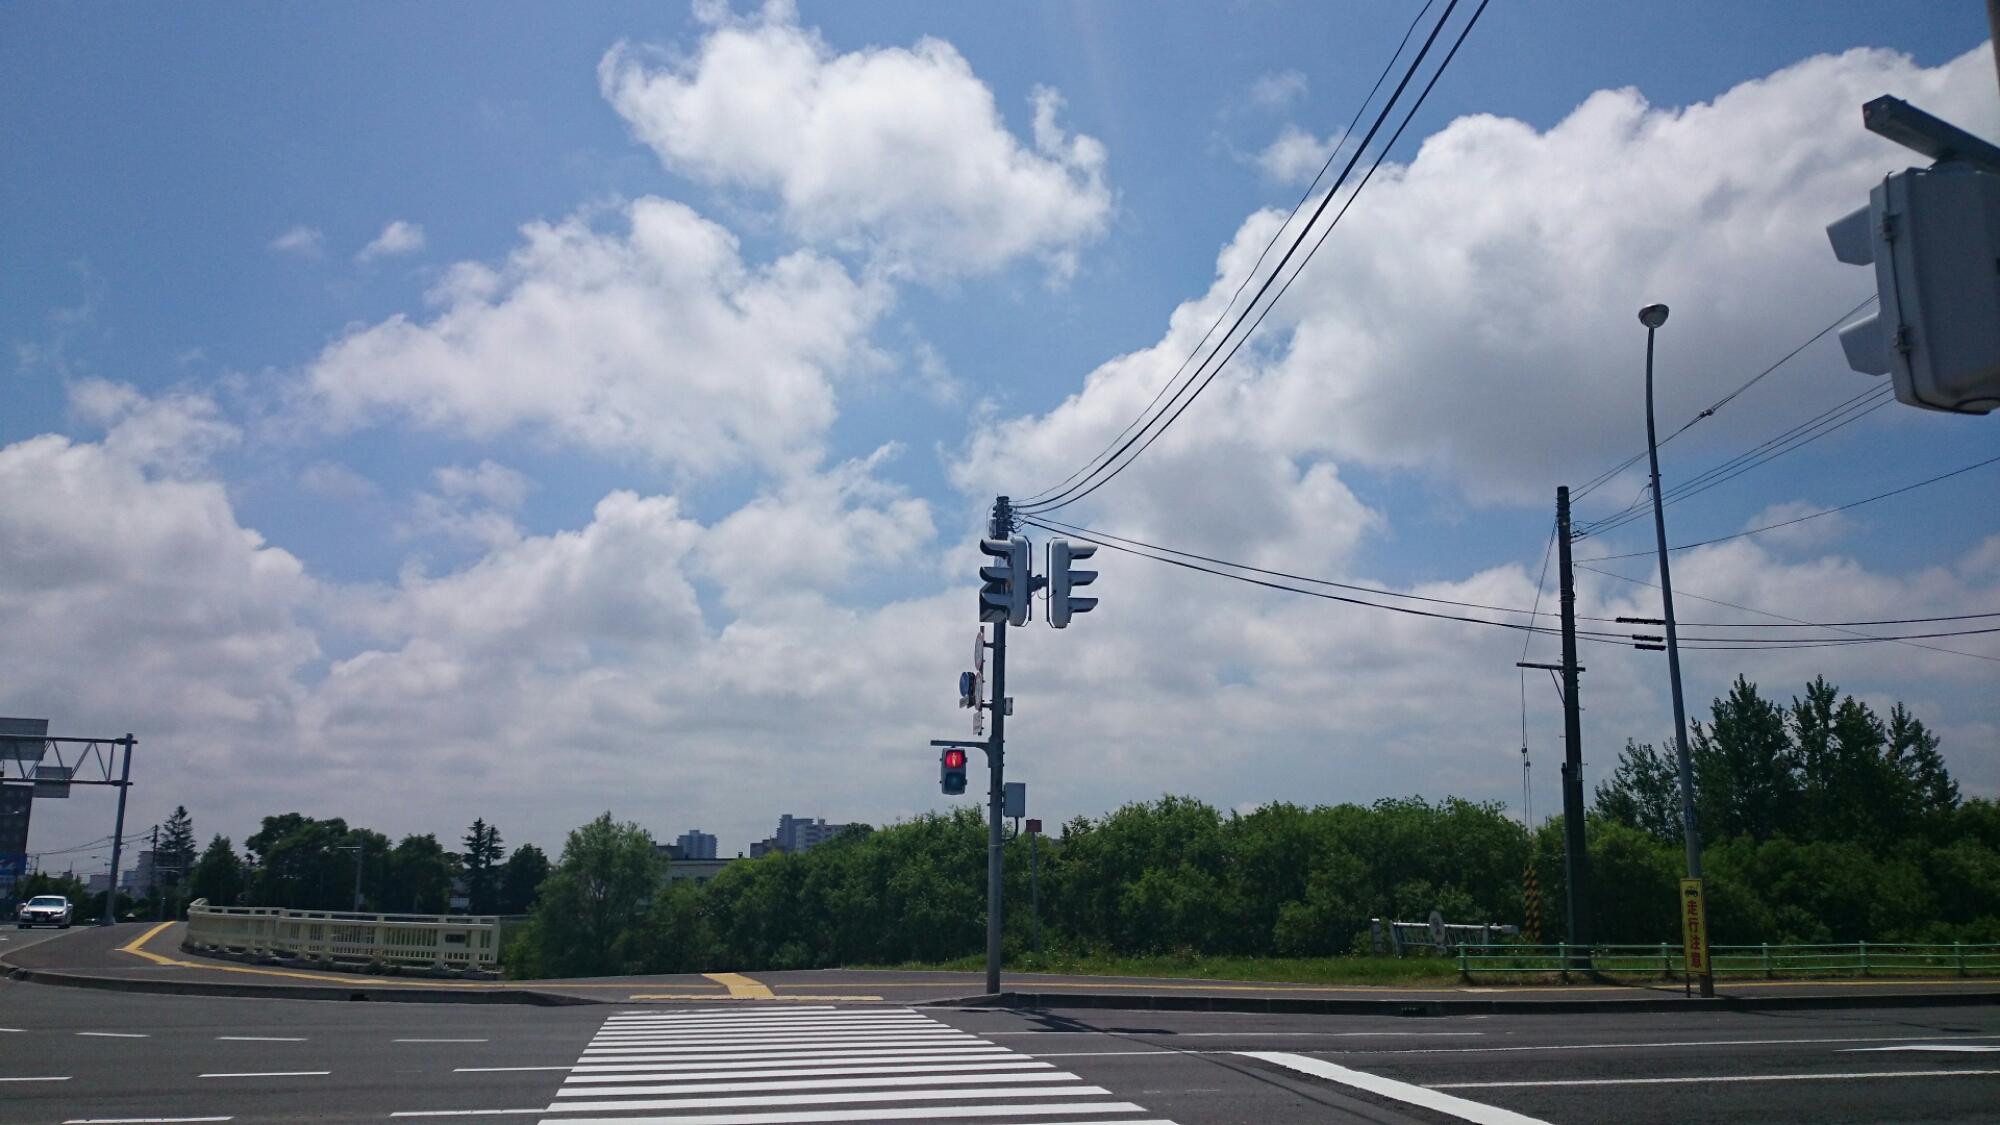 東橋付近の交差点をクロスバイクCYLVA F24で渡るよ